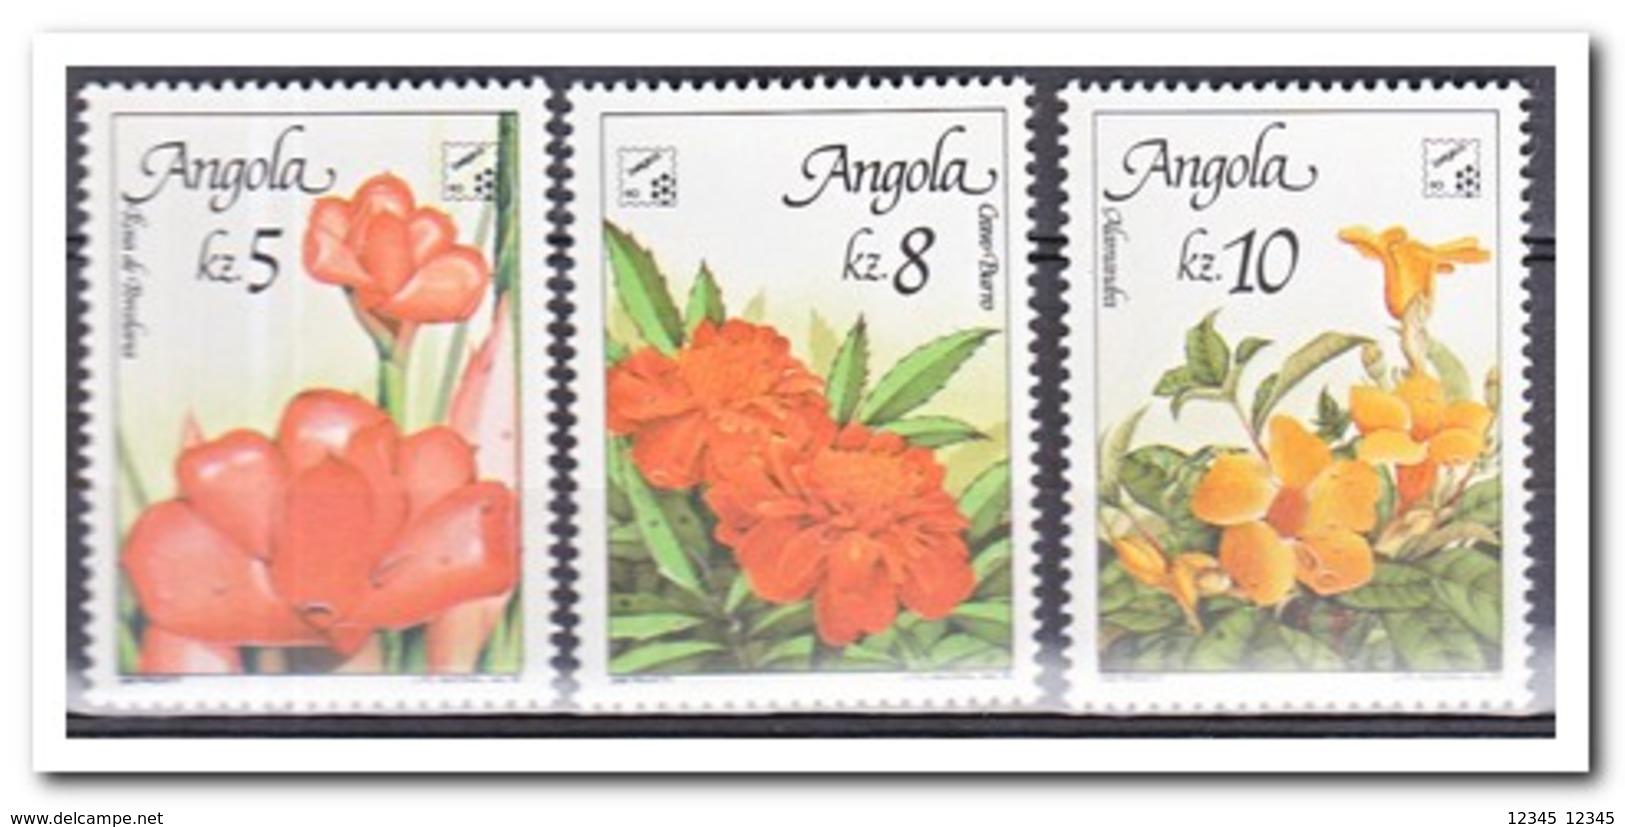 Angola 1990, Postfris MNH, Flowers - Angola